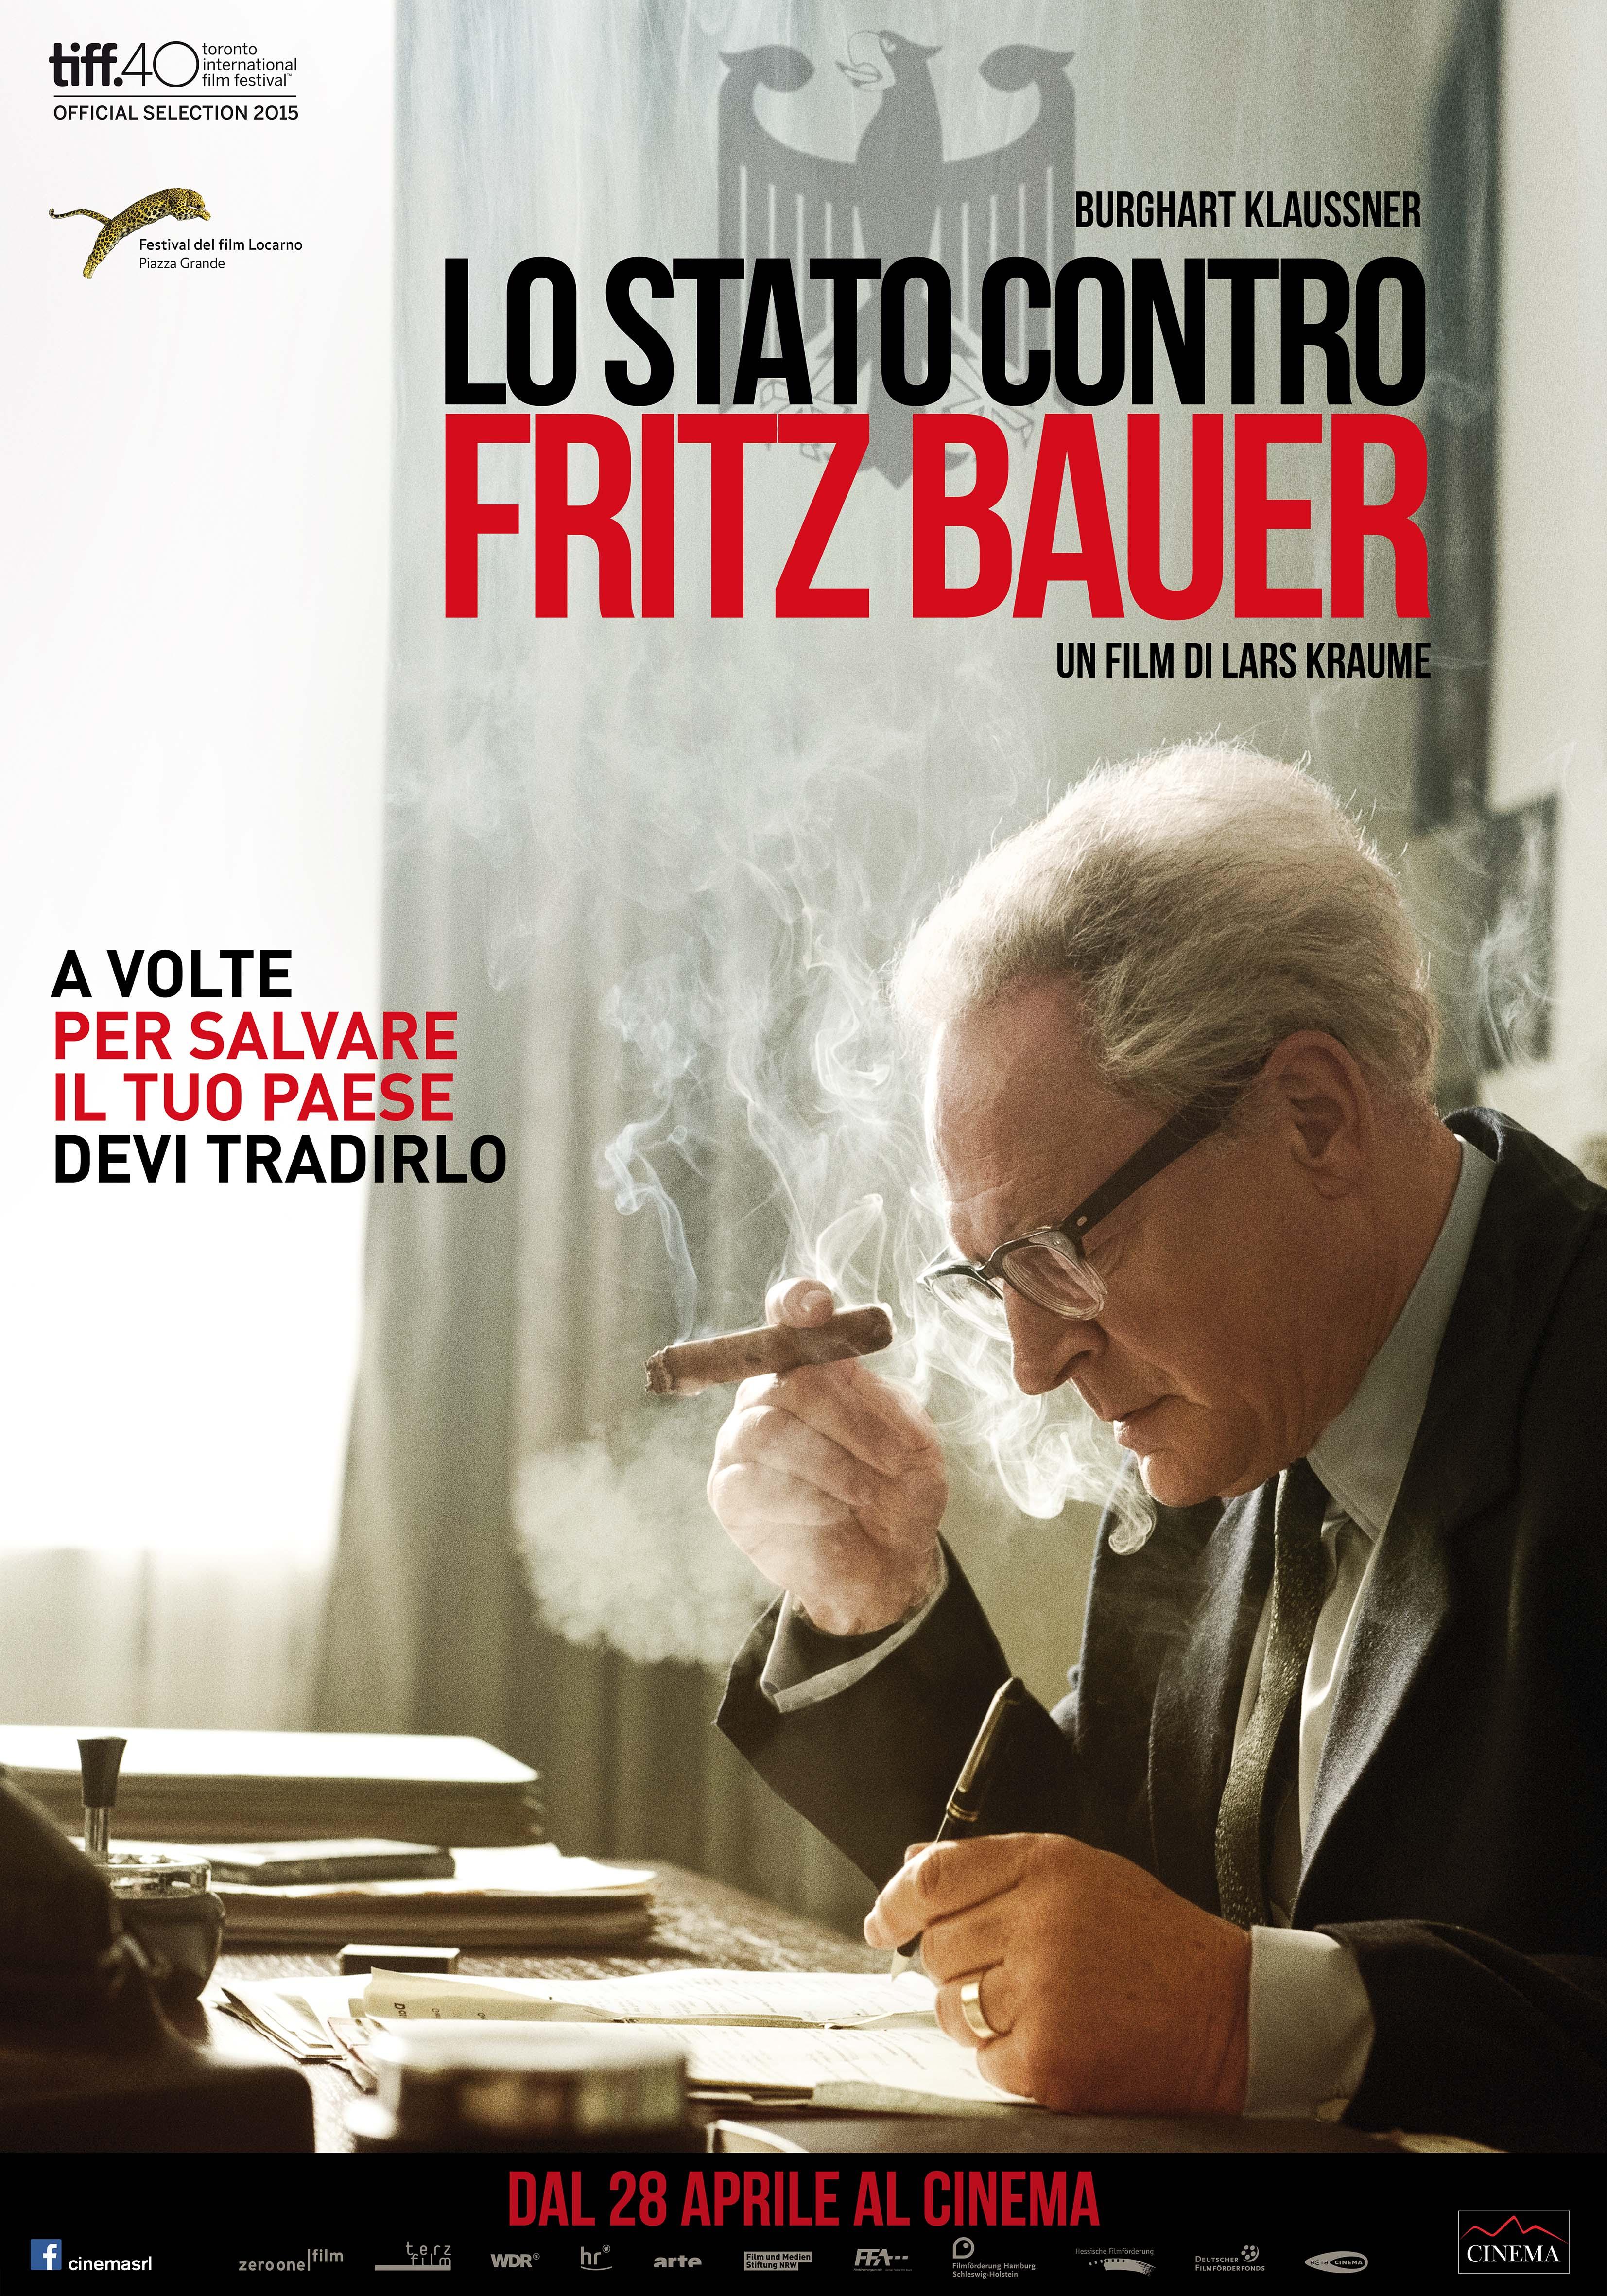 FritzBauer_140x200